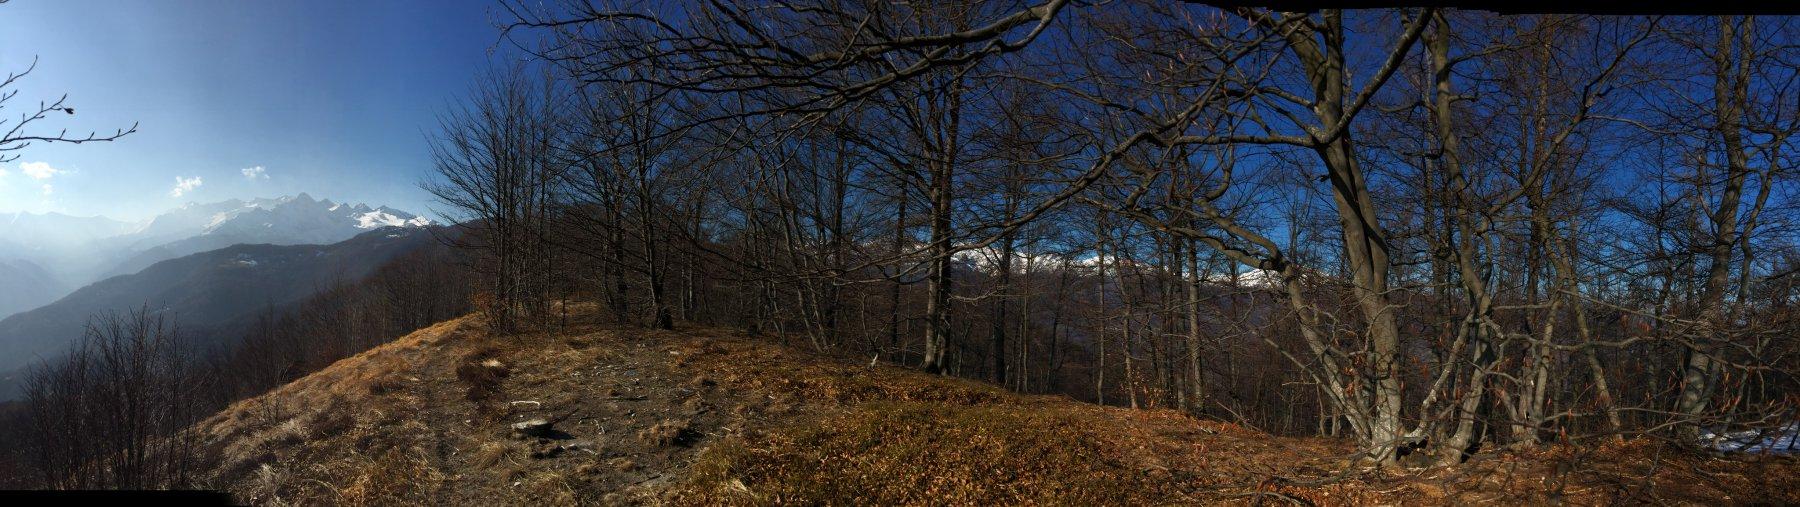 Vette innevate dalla Cristalliera al Rocciamelone spuntano fra gli alberi